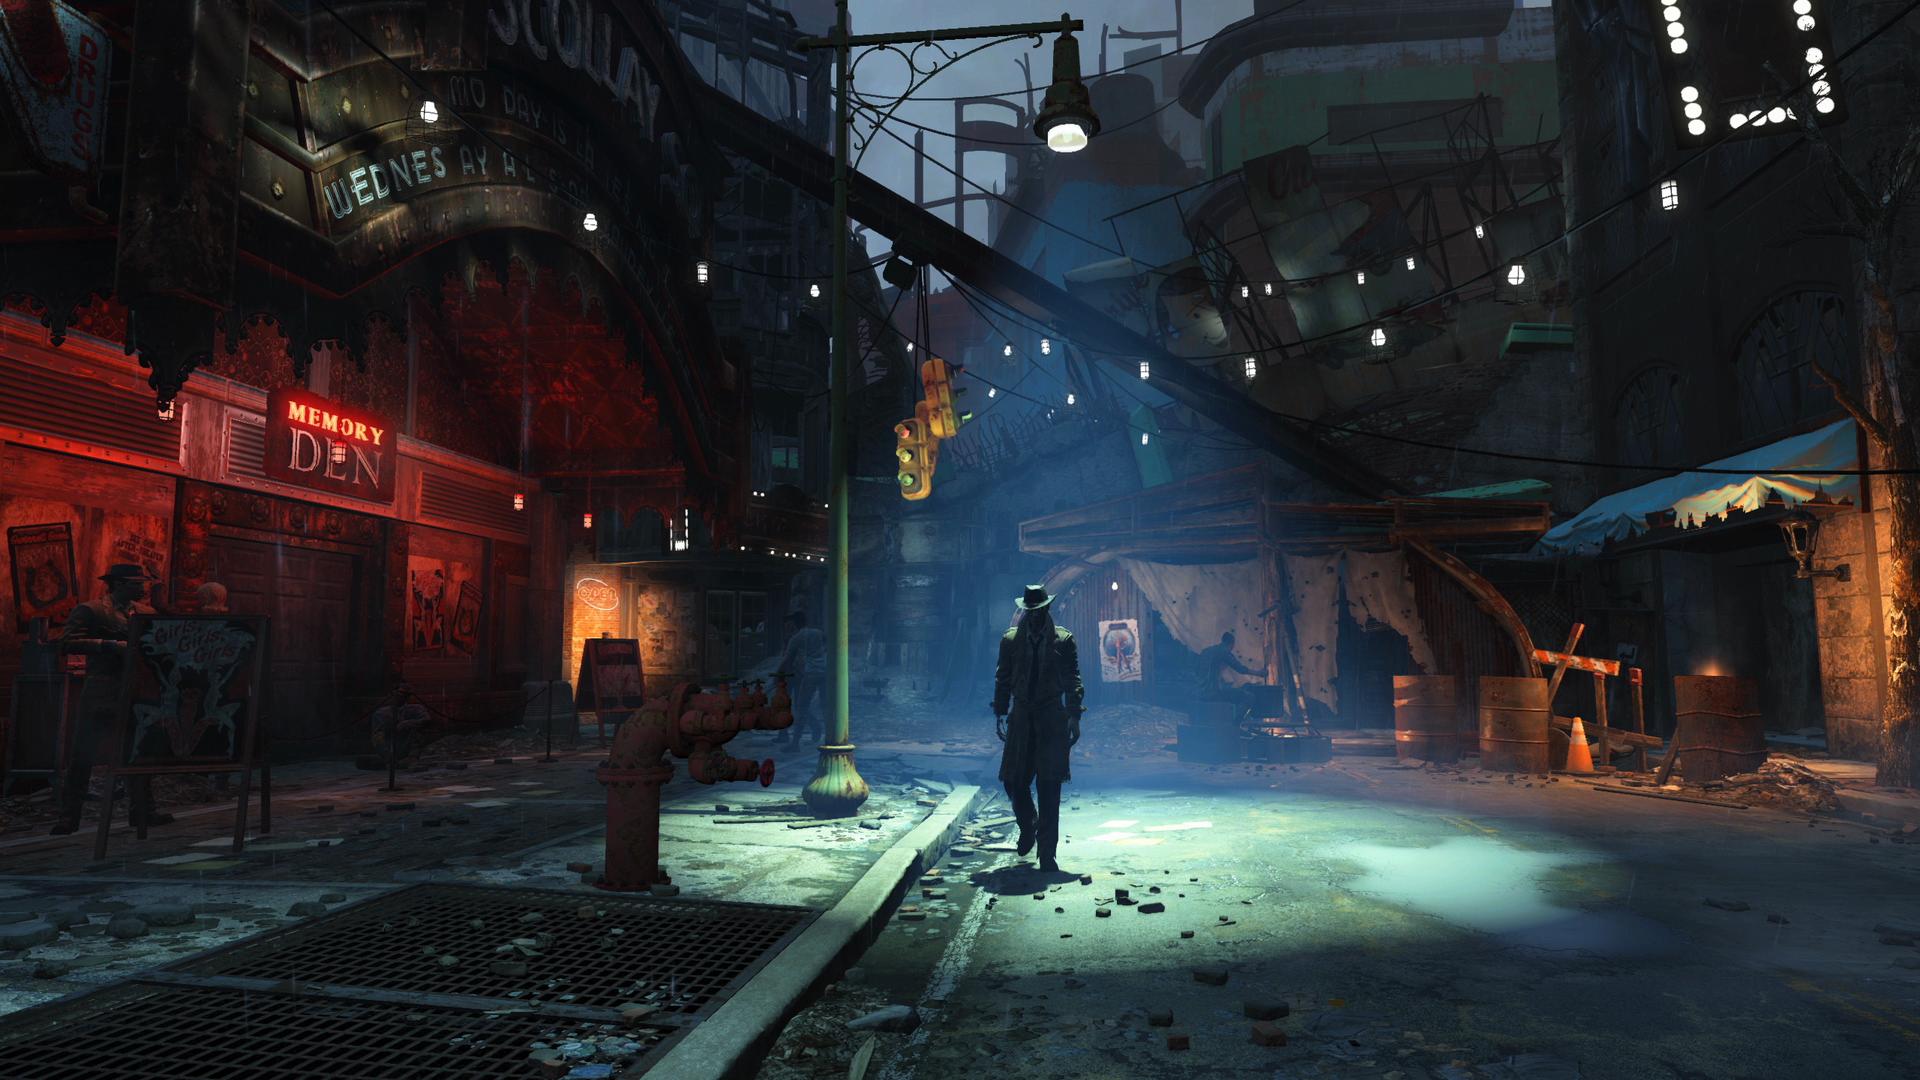 Konsola czy PC? Sprawdziliśmy, gdzie Fallout 4 wygląda najlepiej